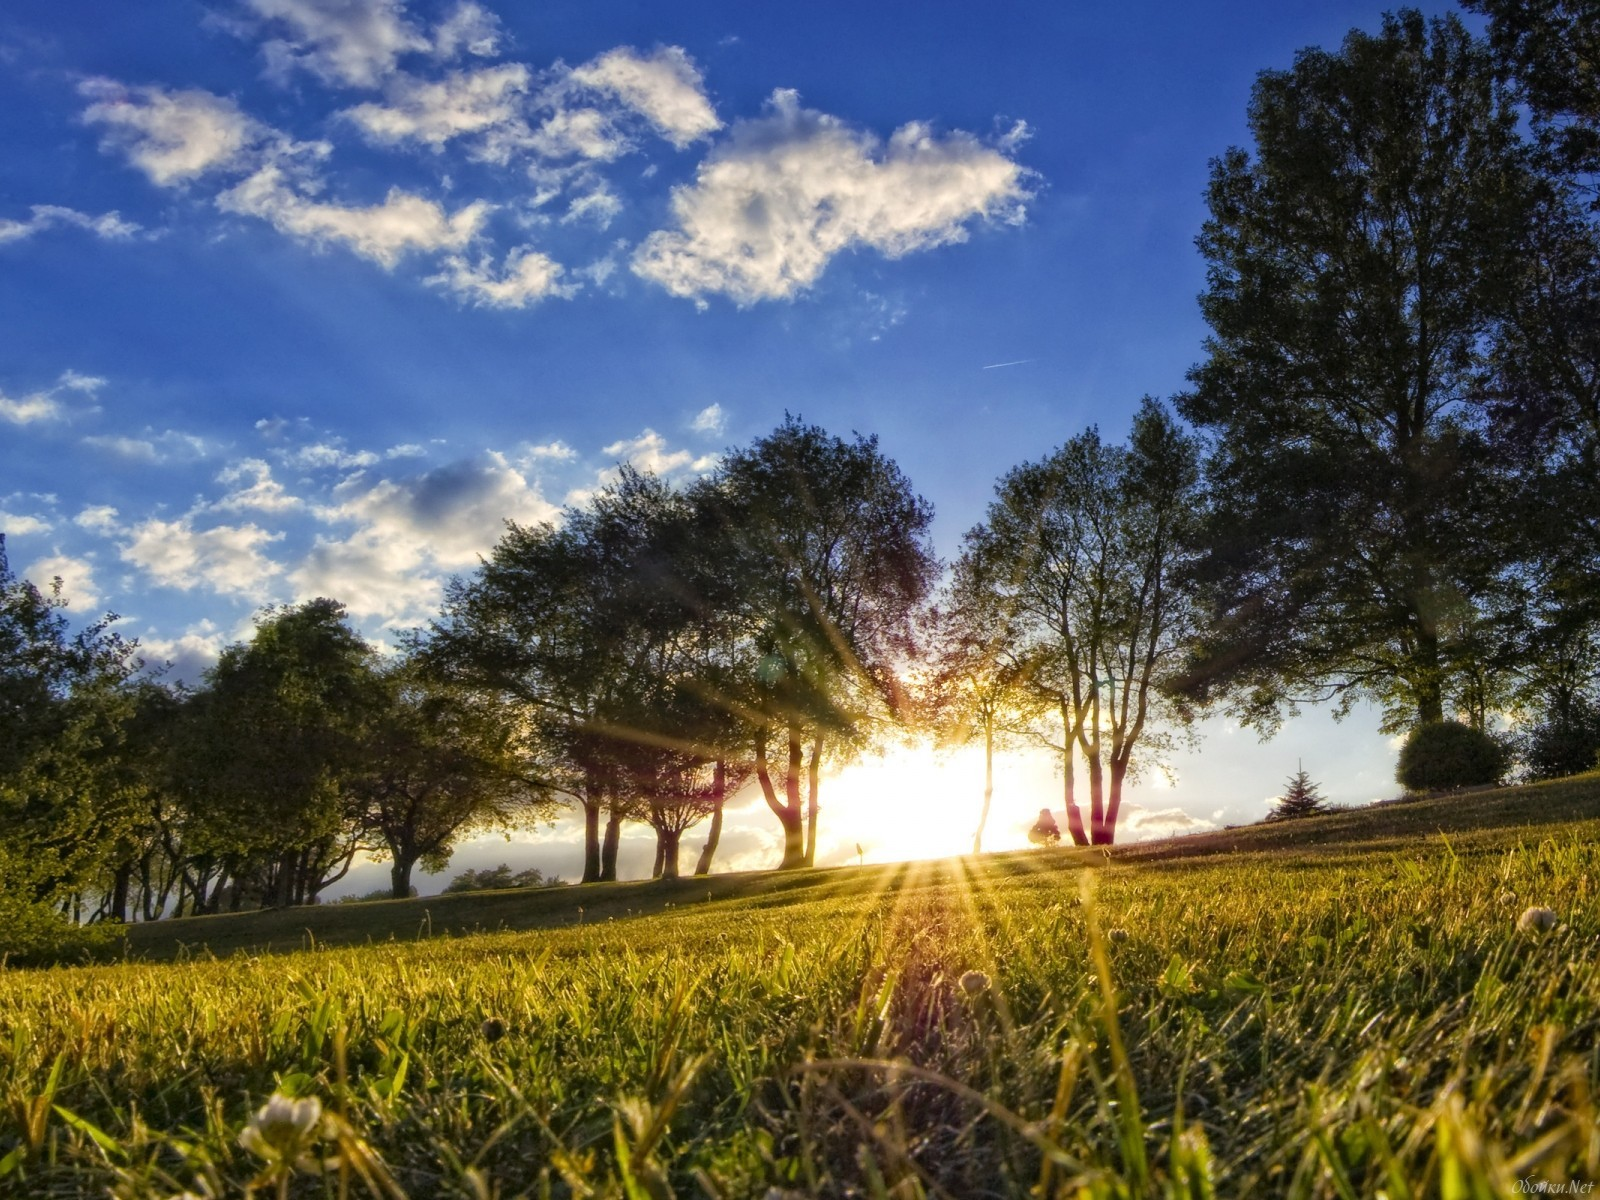 22951 скачать обои Пейзаж, Деревья, Трава, Небо, Солнце, Облака - заставки и картинки бесплатно